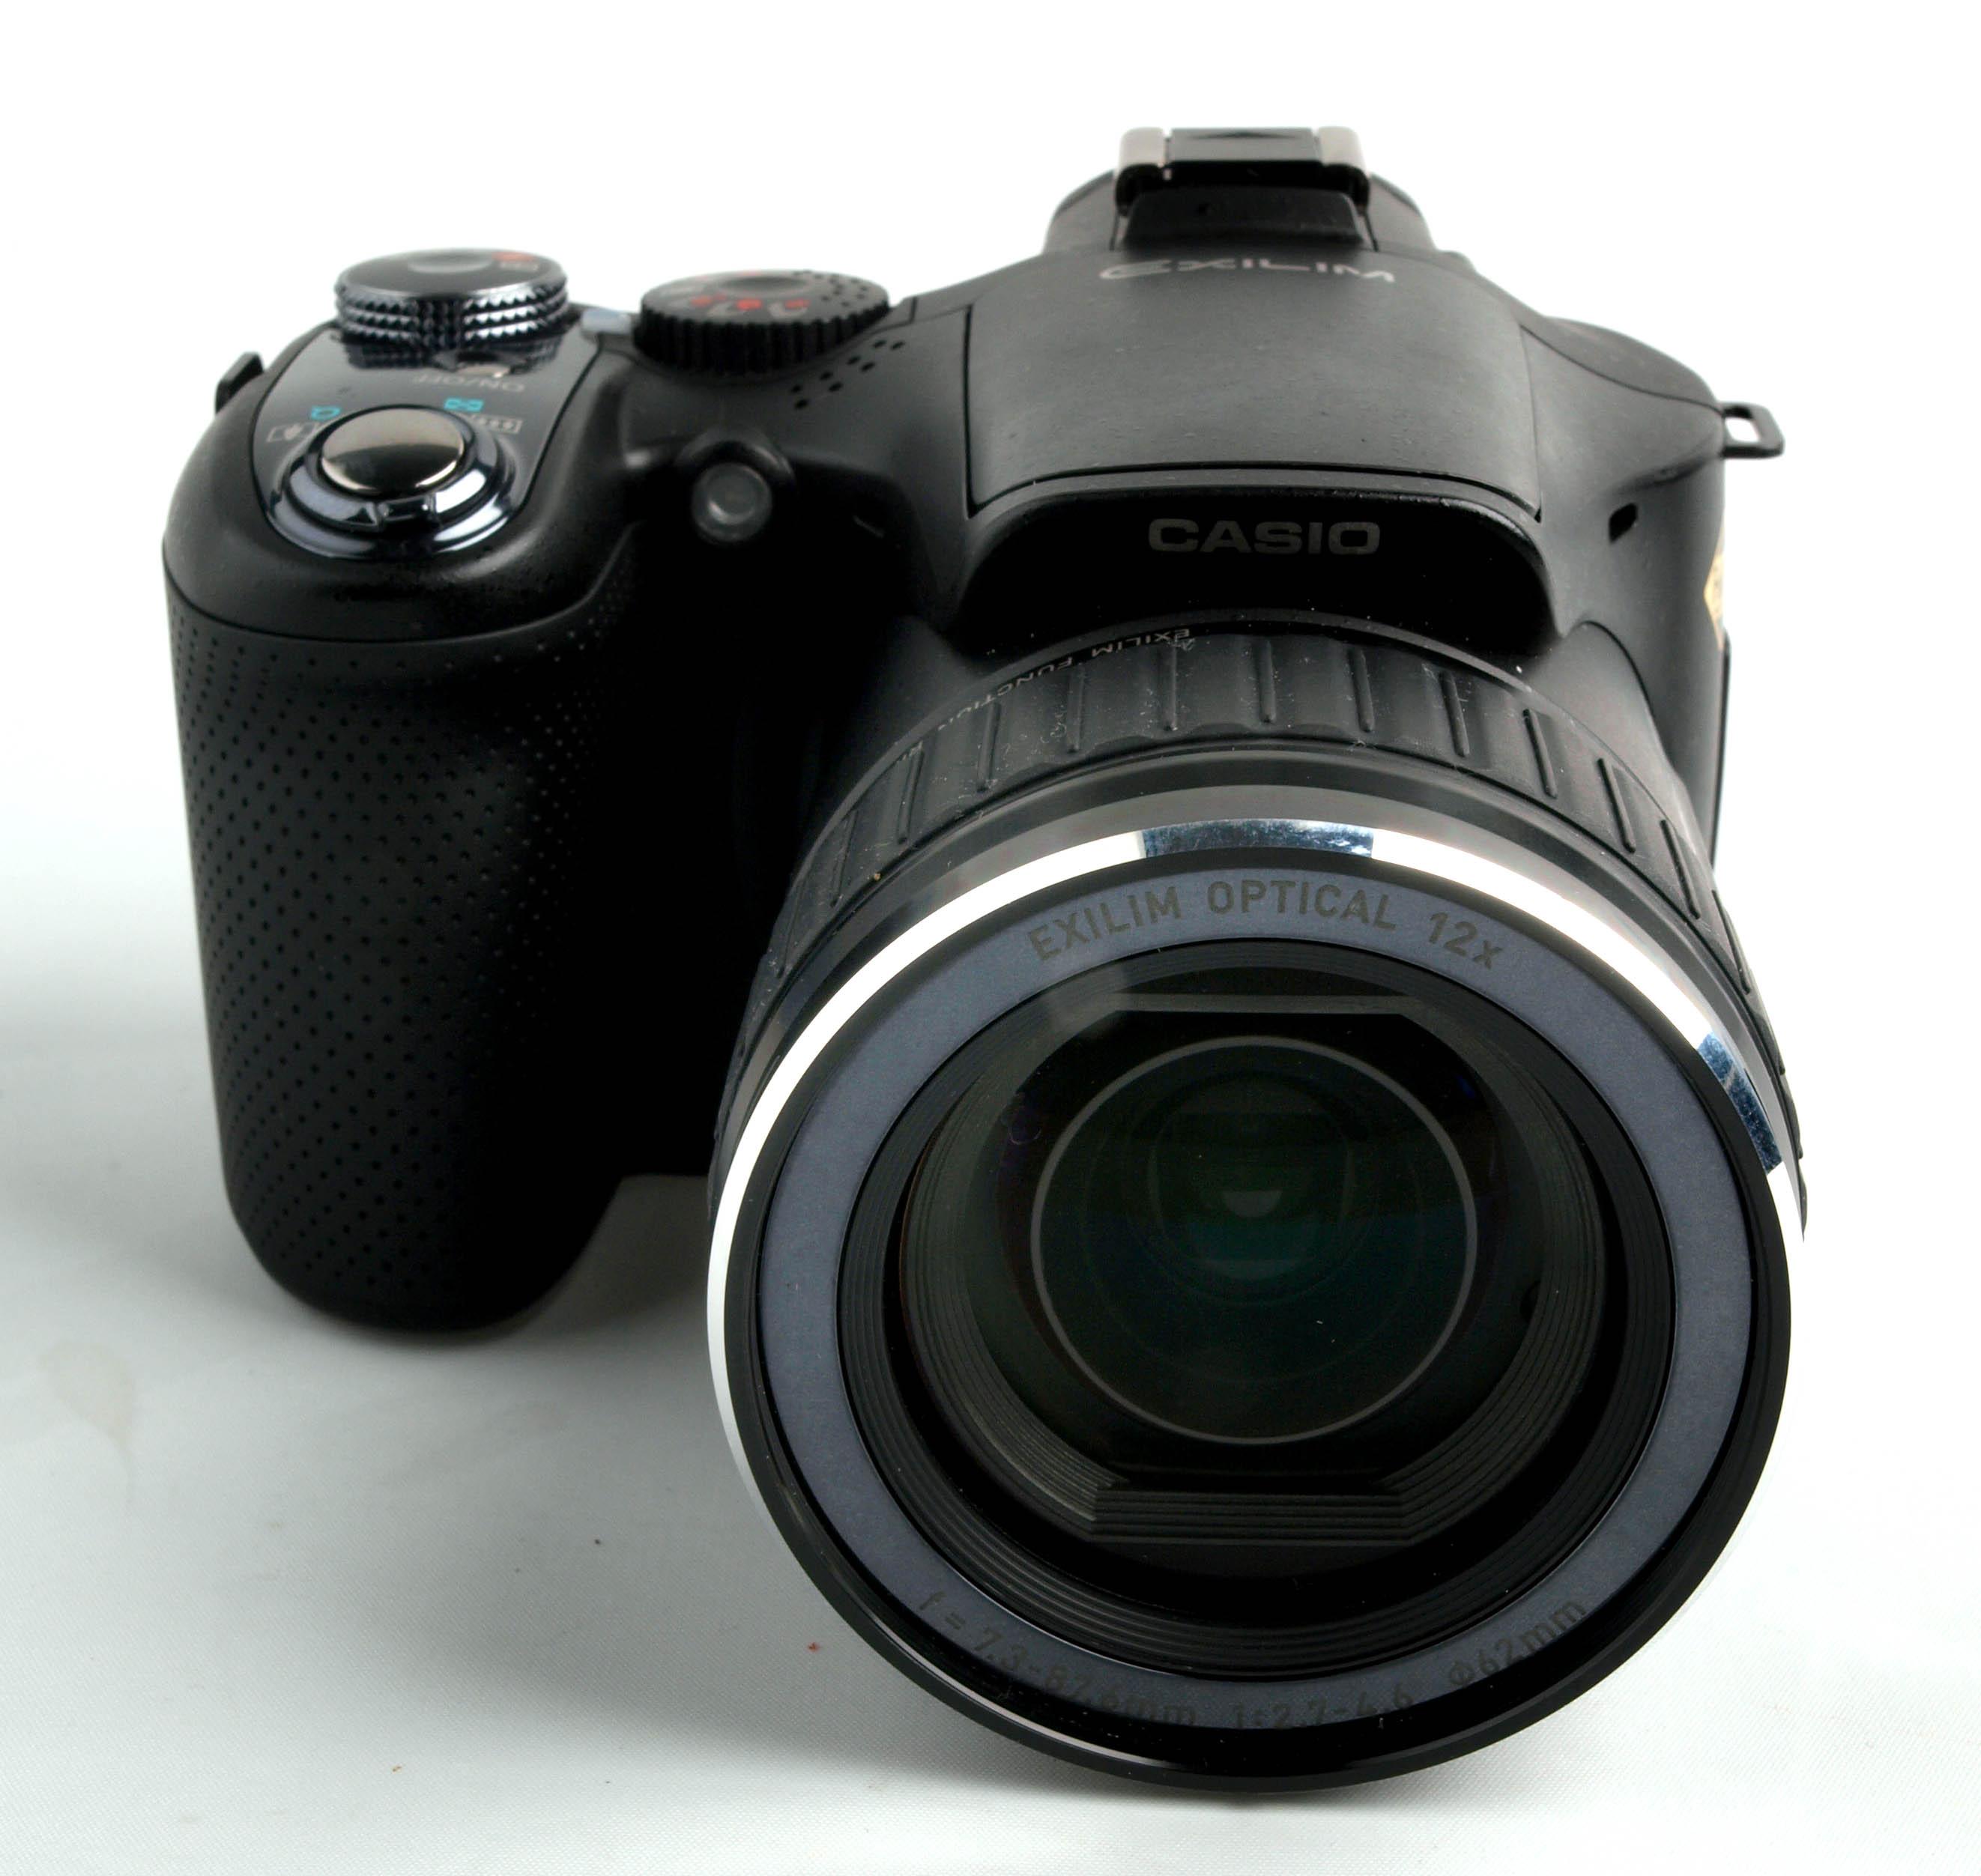 casio ex f1 digital camera review rh ephotozine com casio exilim ex-f1 manual Exilim Casio EX -S8 Manual